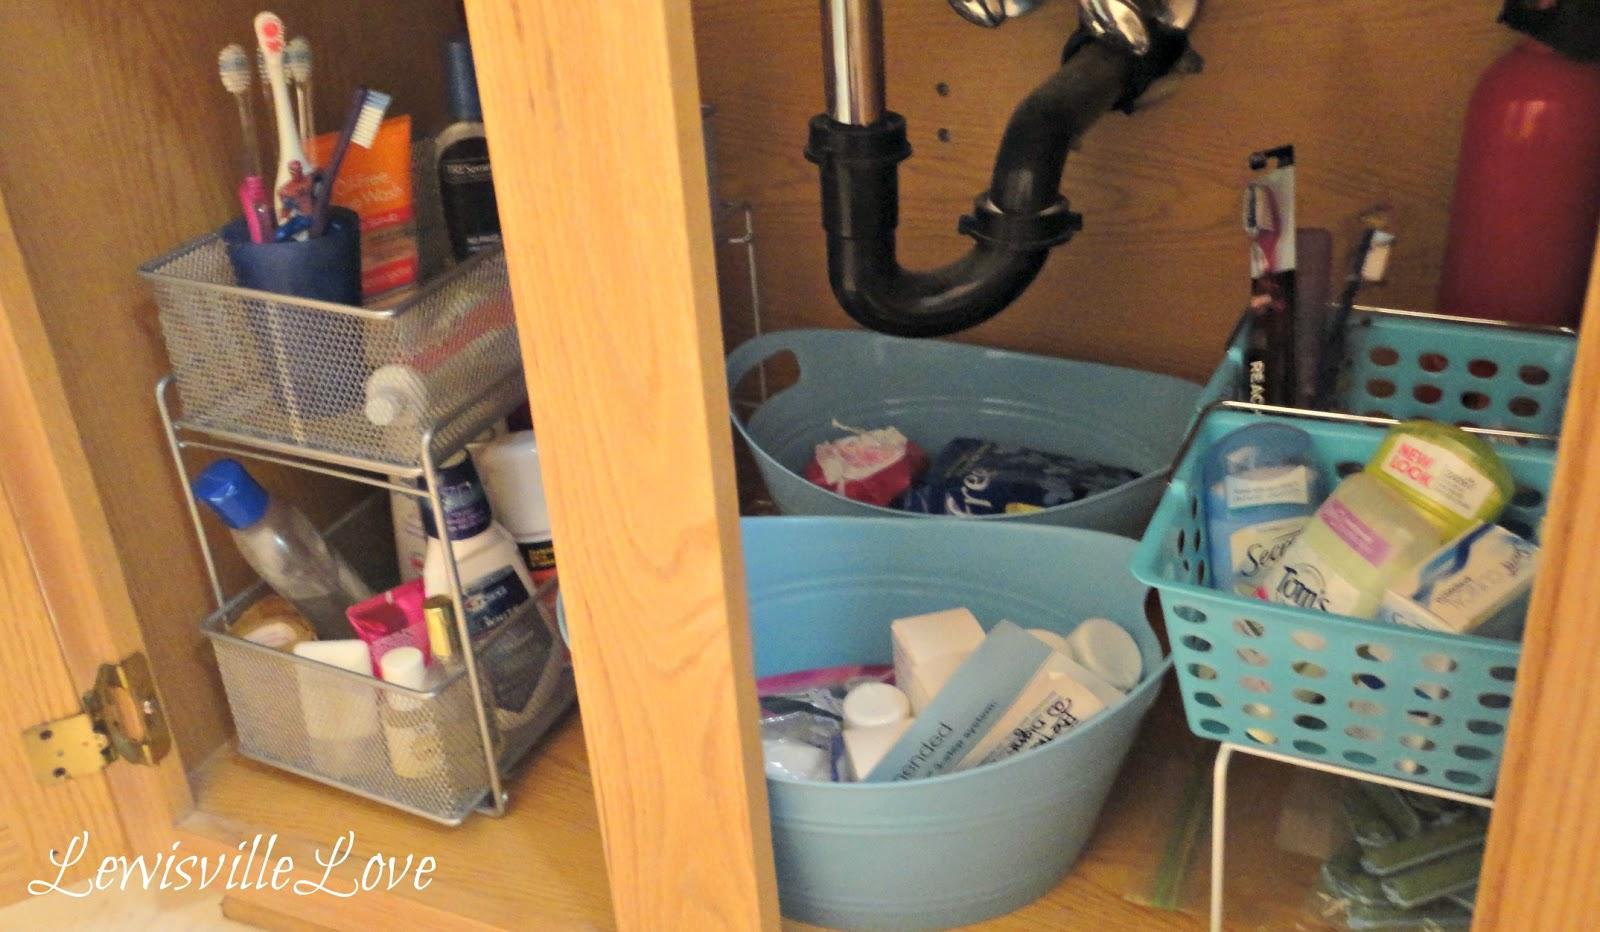 Lewisville Love Organizing Under The Bathroom Sink